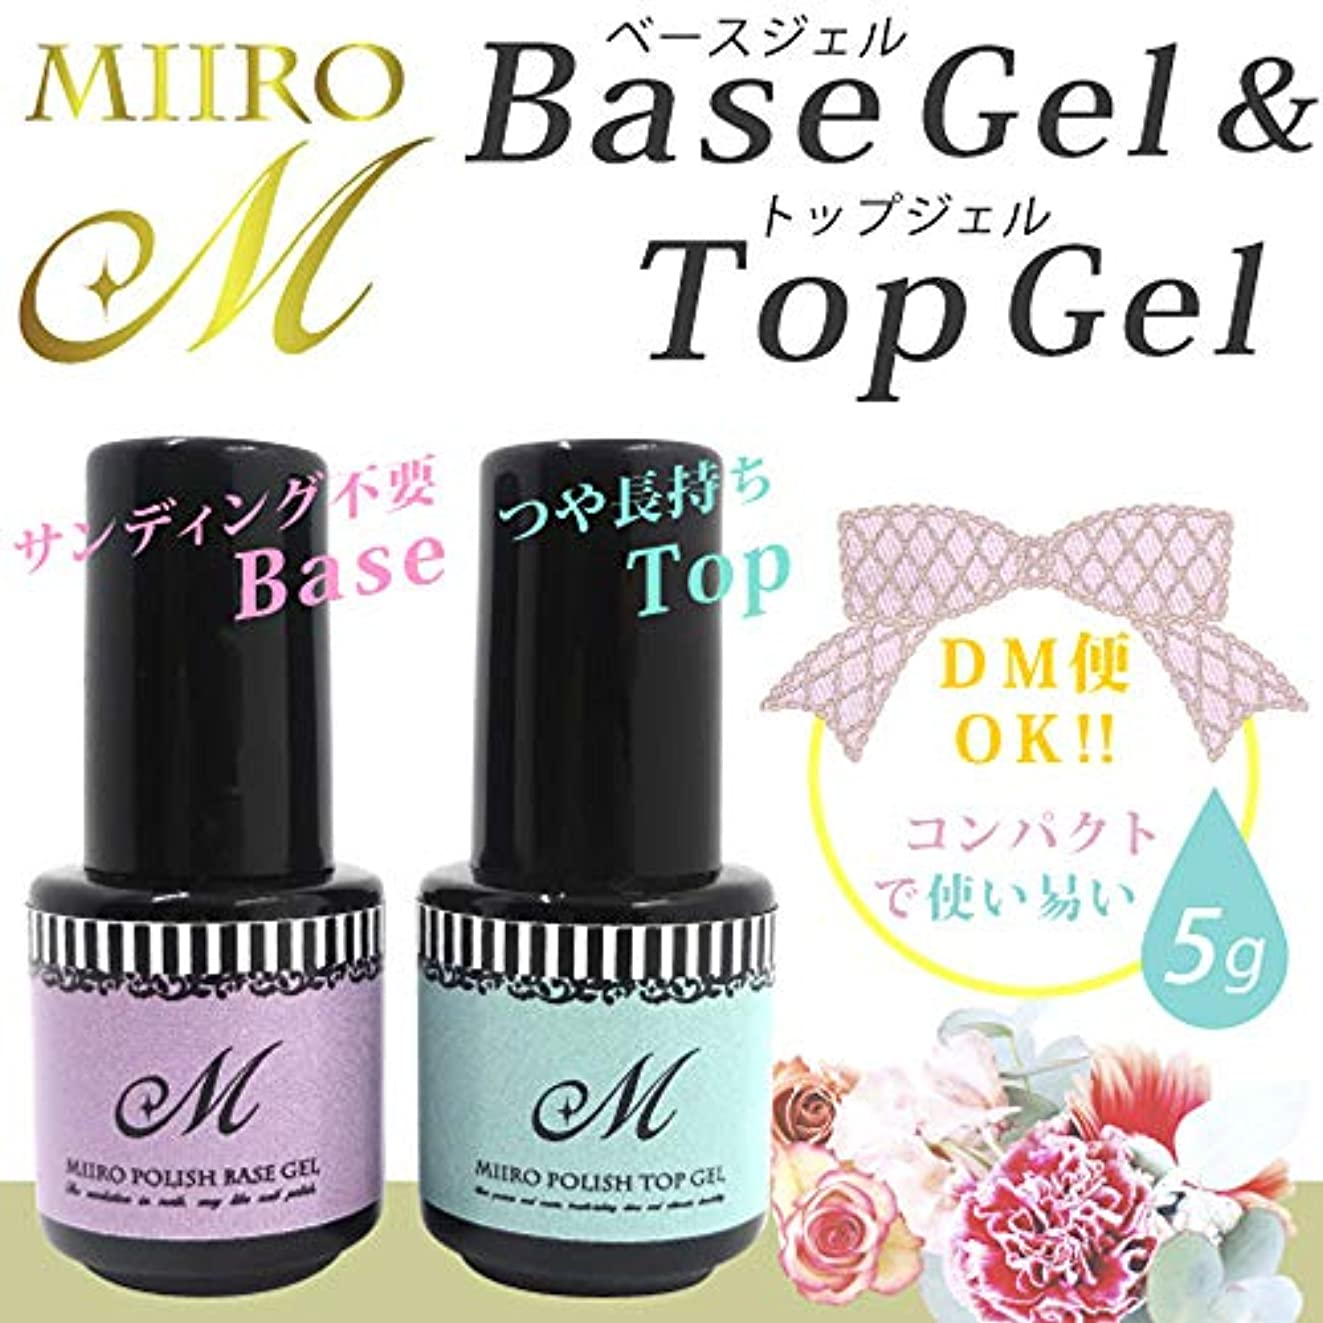 取り替える悔い改め既にトップ&ベースジェル 美色 Miiro 各5g (ベースジェル)